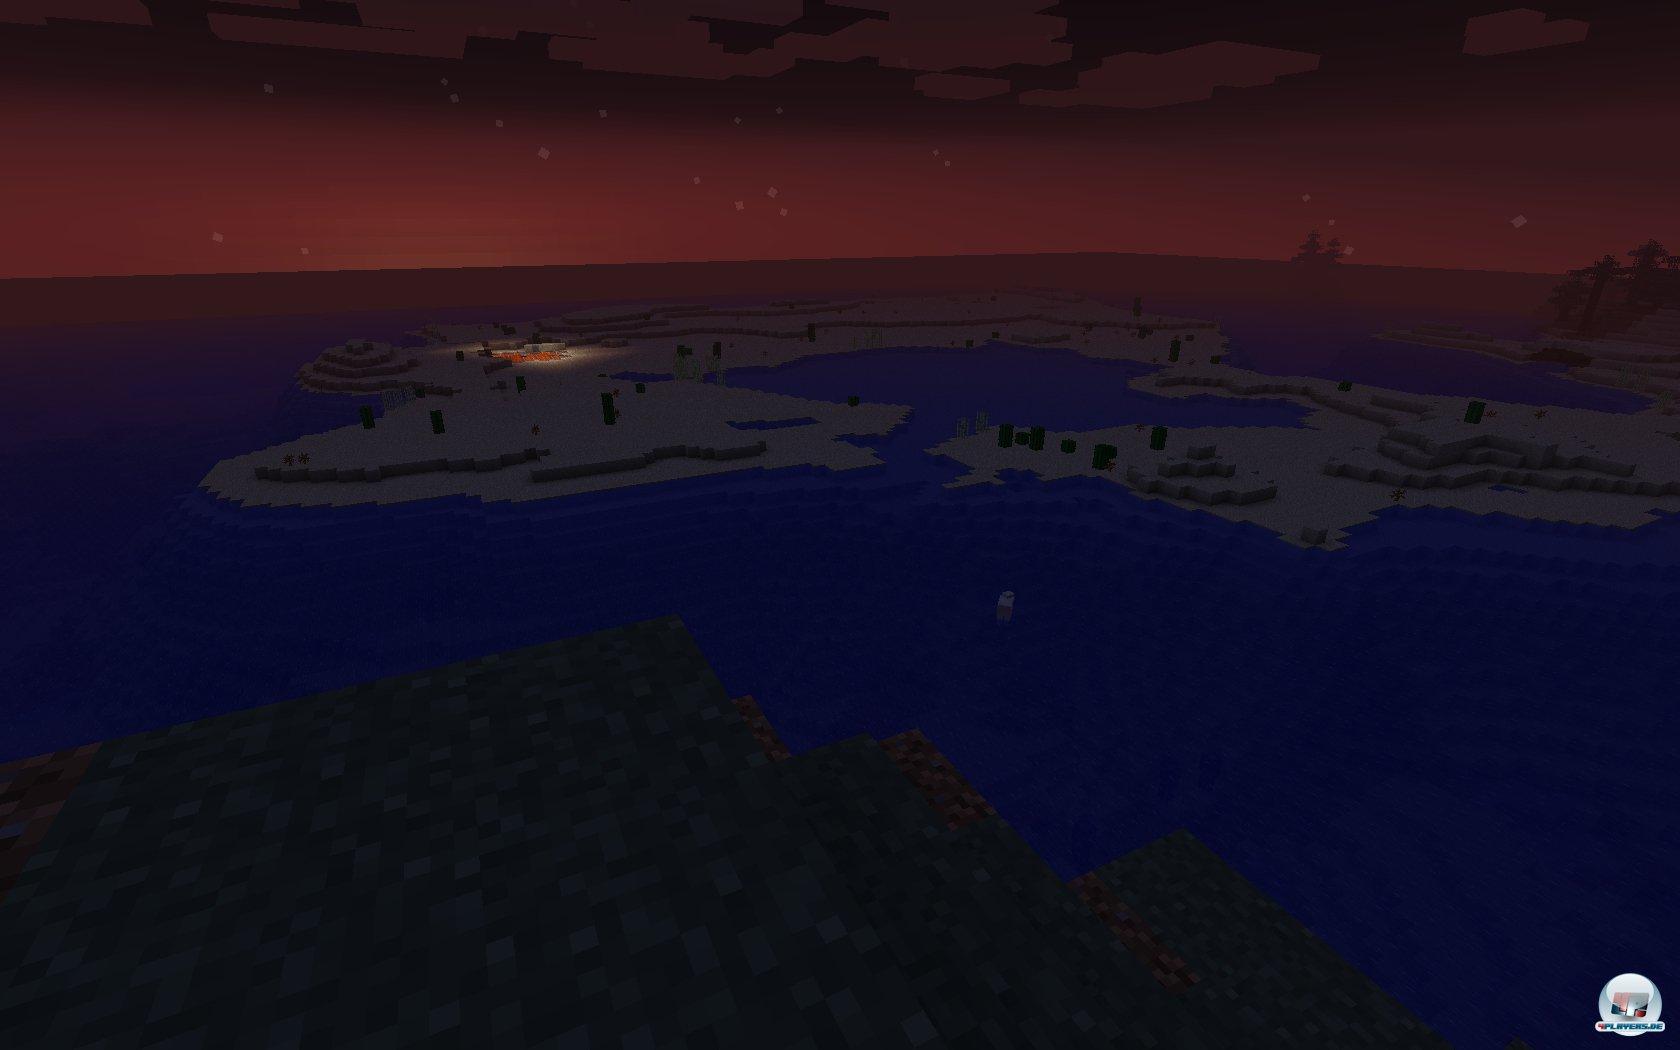 Was leuchtet da hinten im Abendrot? Selbst in der zufällig erstellten Welt von Minecraft wird es unheimlich viel zu entdecken geben.